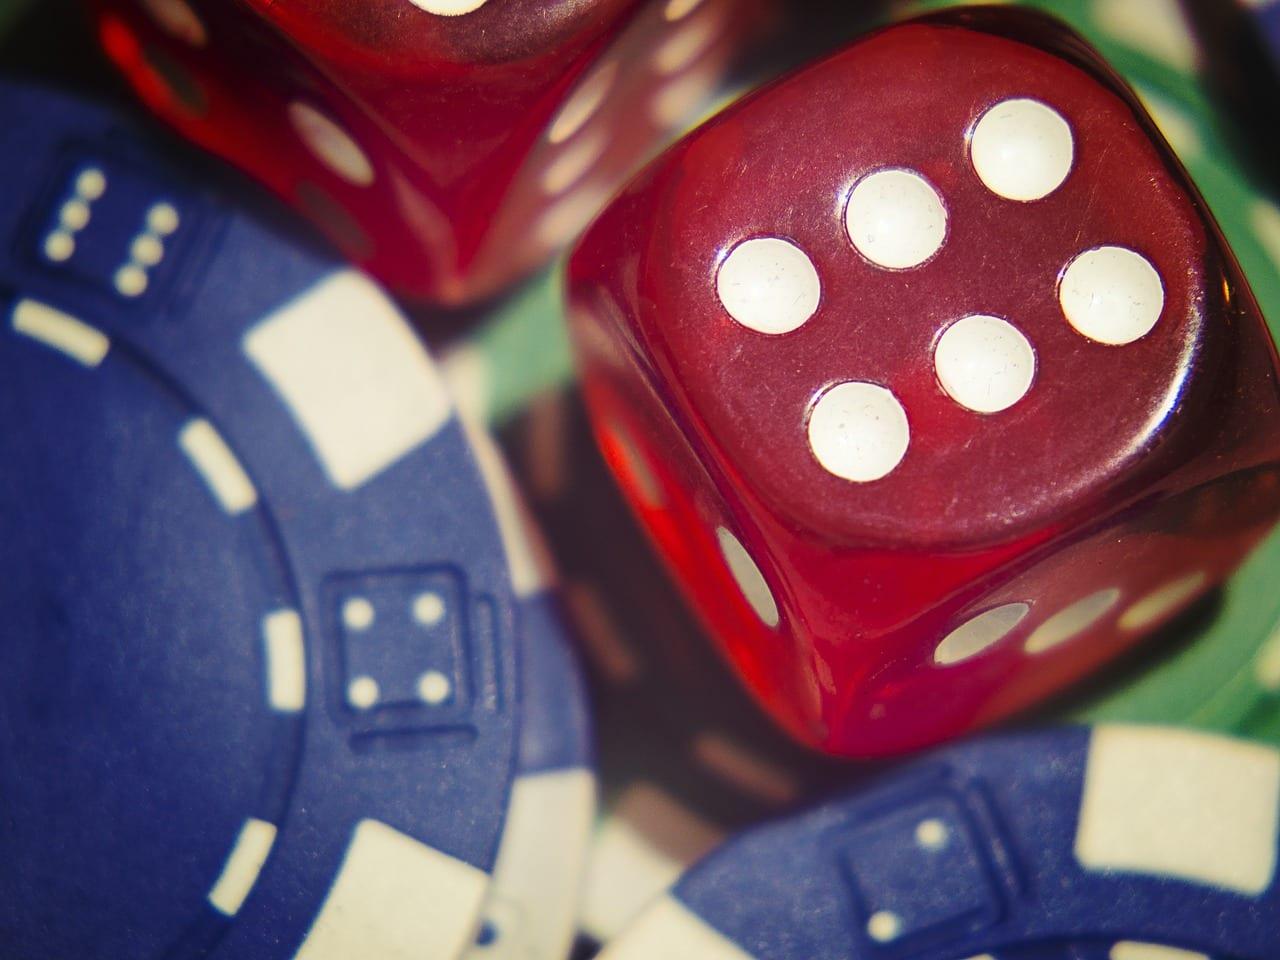 dadi e gioco d'azzardo